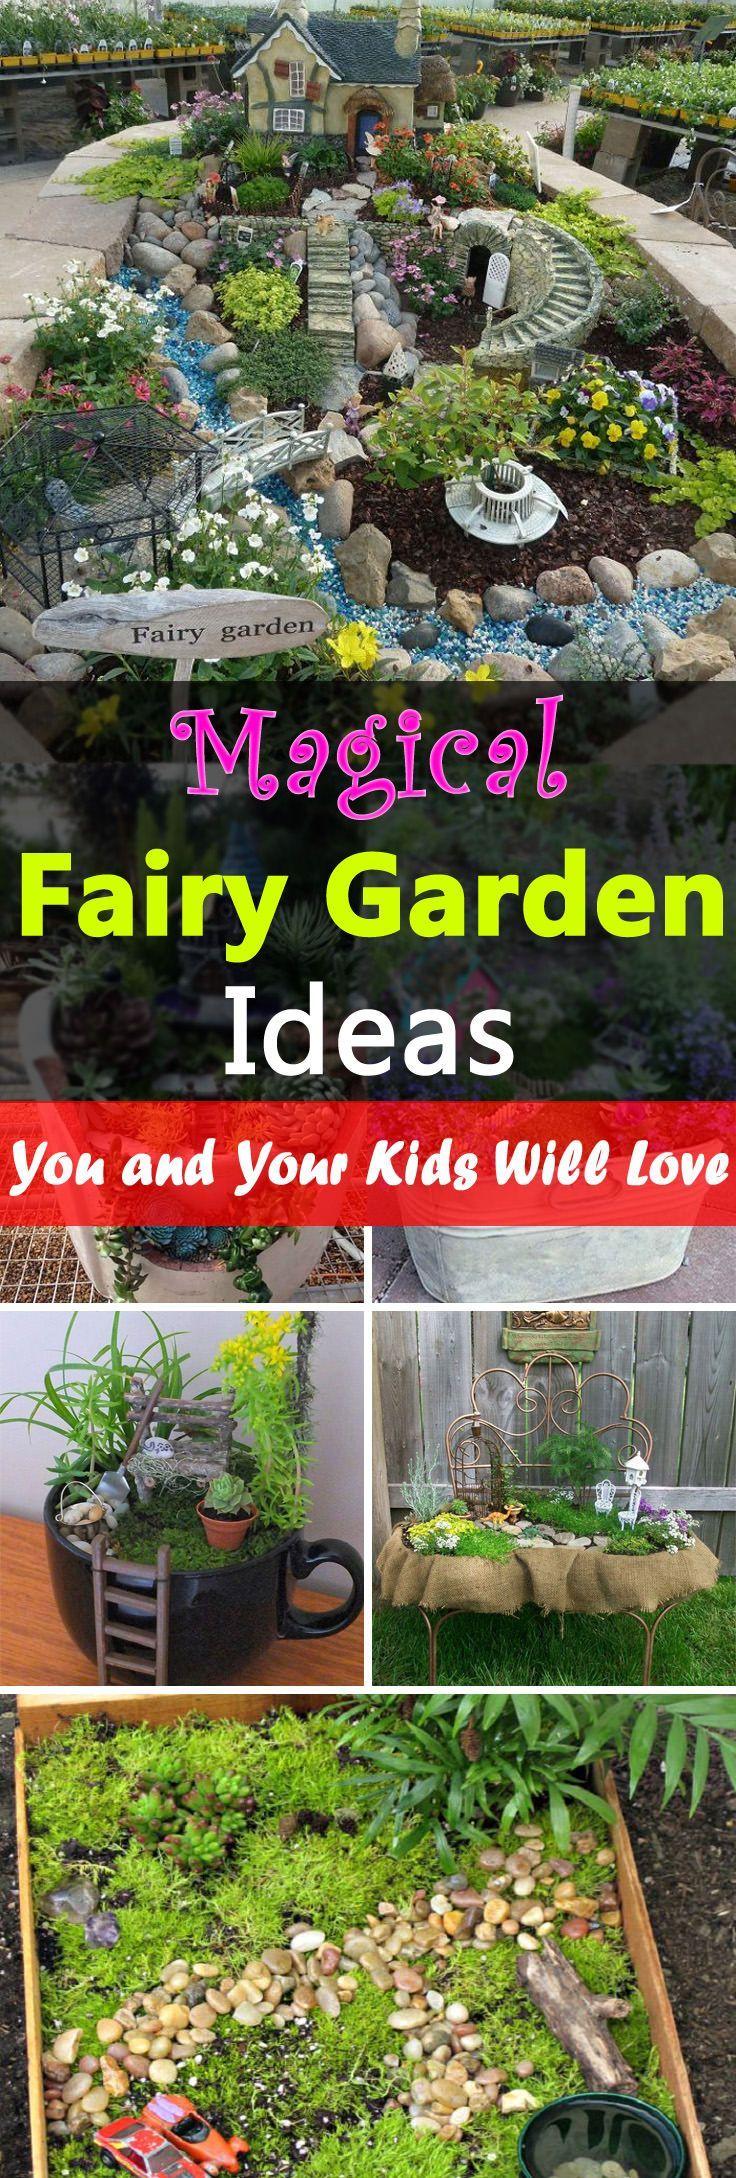 Magical Fairy Garden Ideas You & Your Kids Will Love | Garden ideas ...